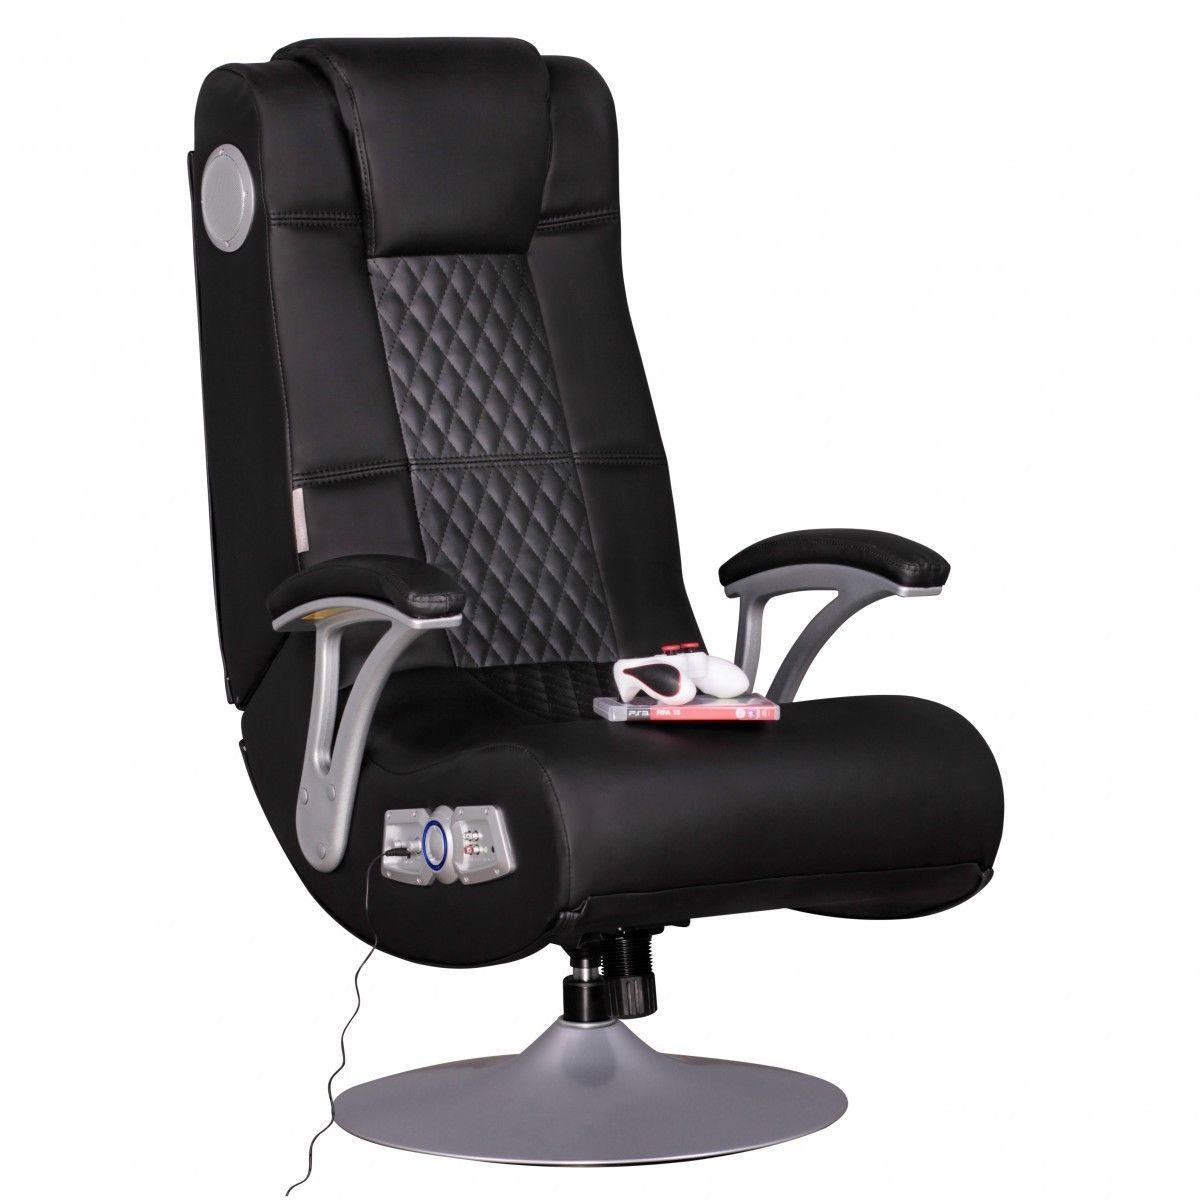 Wohnling Soundchair Specter Gaming Chair Gamer Musik Rocker Soundsessel Schwarzsparen25 Com Sparen25 De Sparen25 Info Schwarz Rocker Ebay